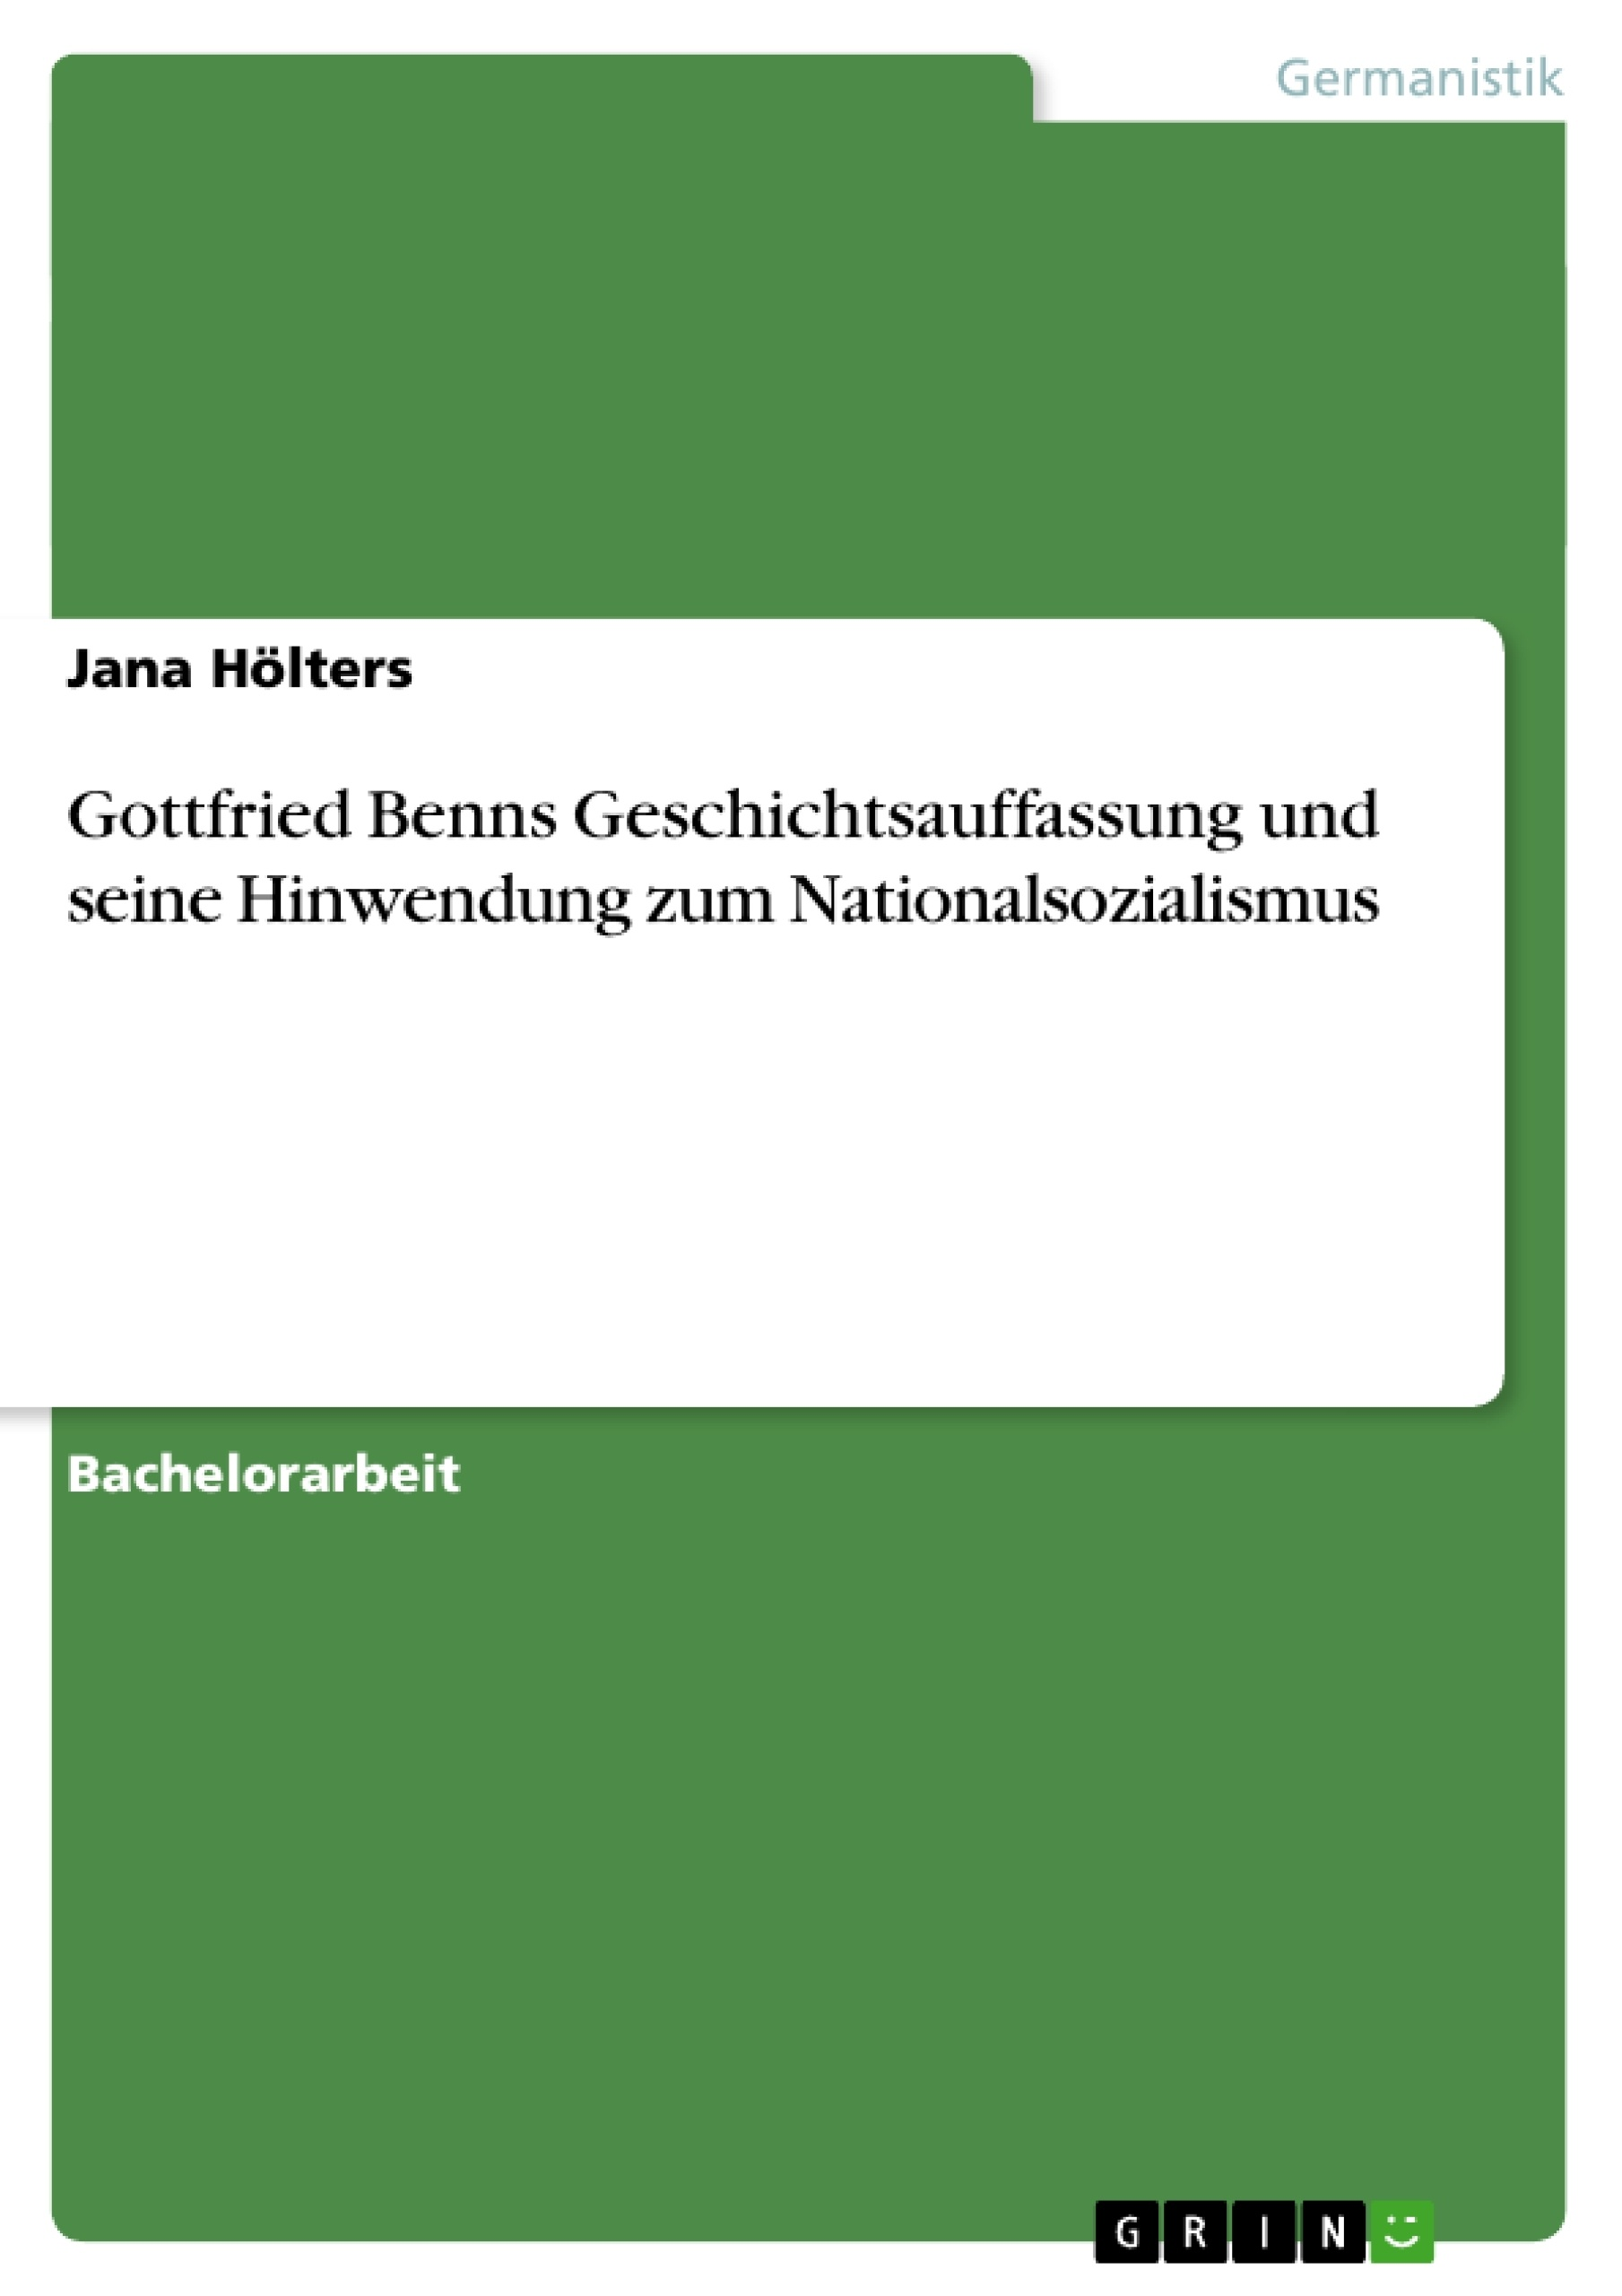 Titel: Gottfried Benns Geschichtsauffassung und seine Hinwendung zum Nationalsozialismus